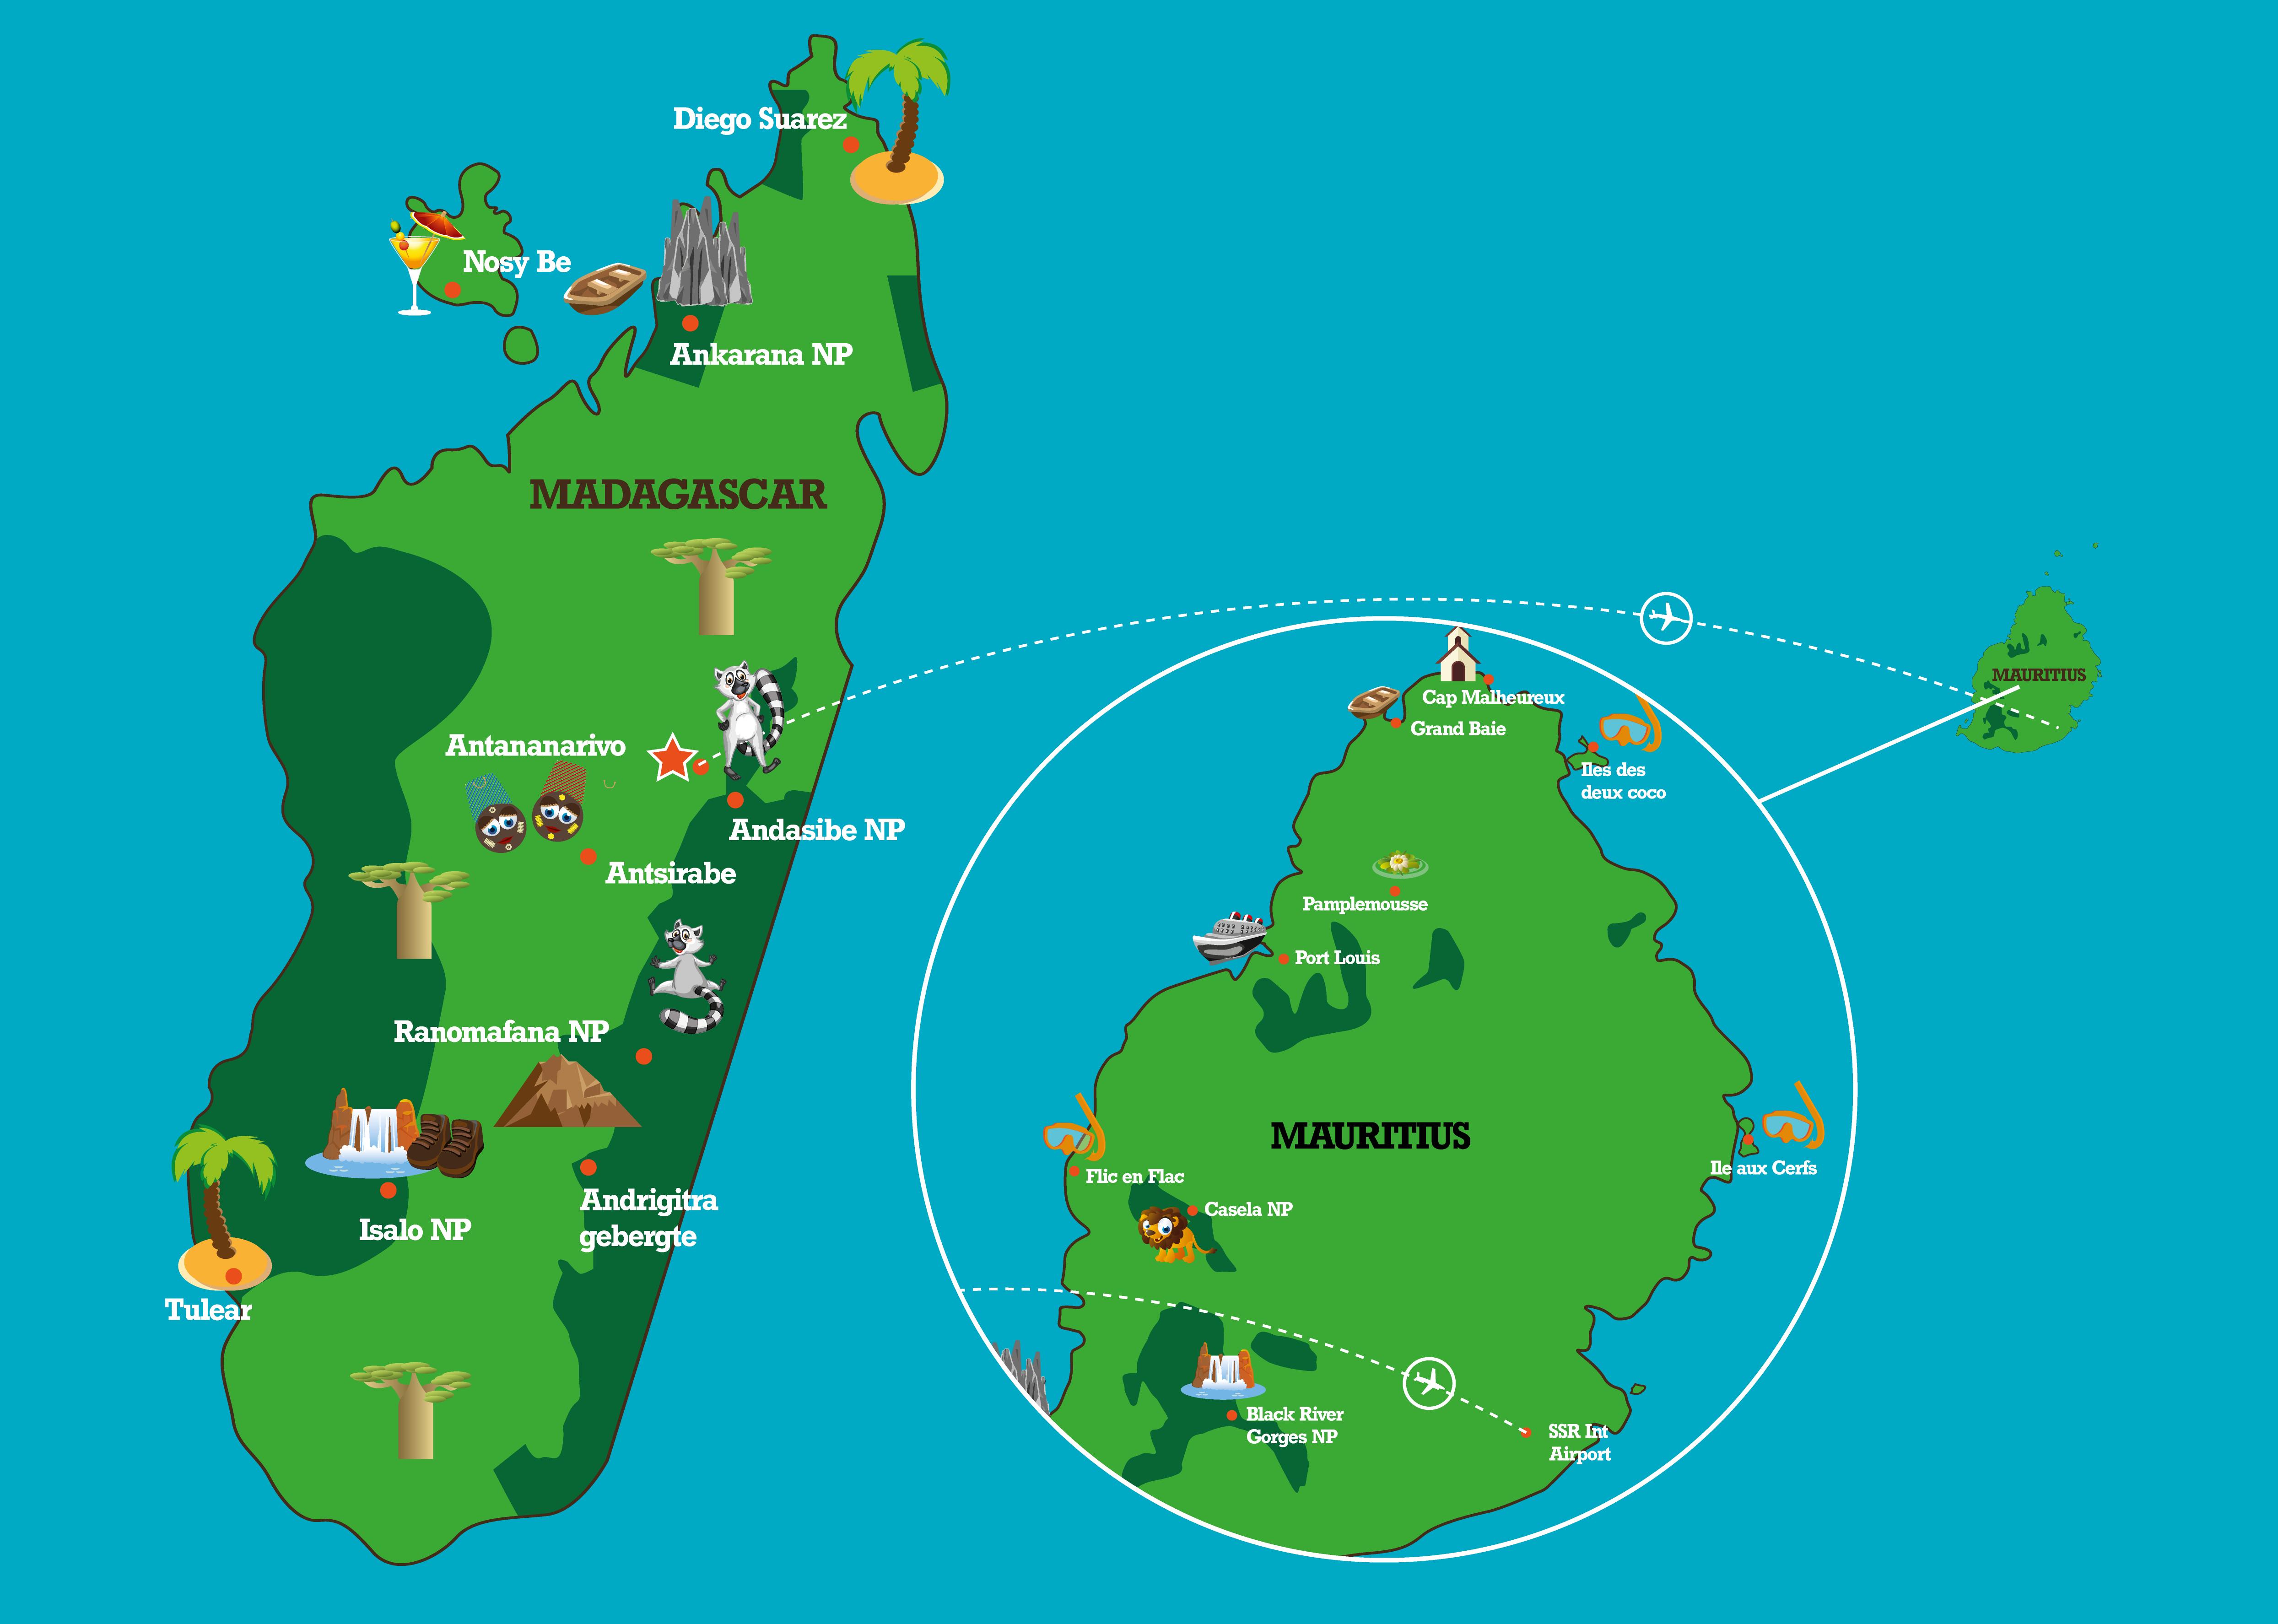 Mauritius vakantie - Rondreis & reizen naar Mauritius Afrika